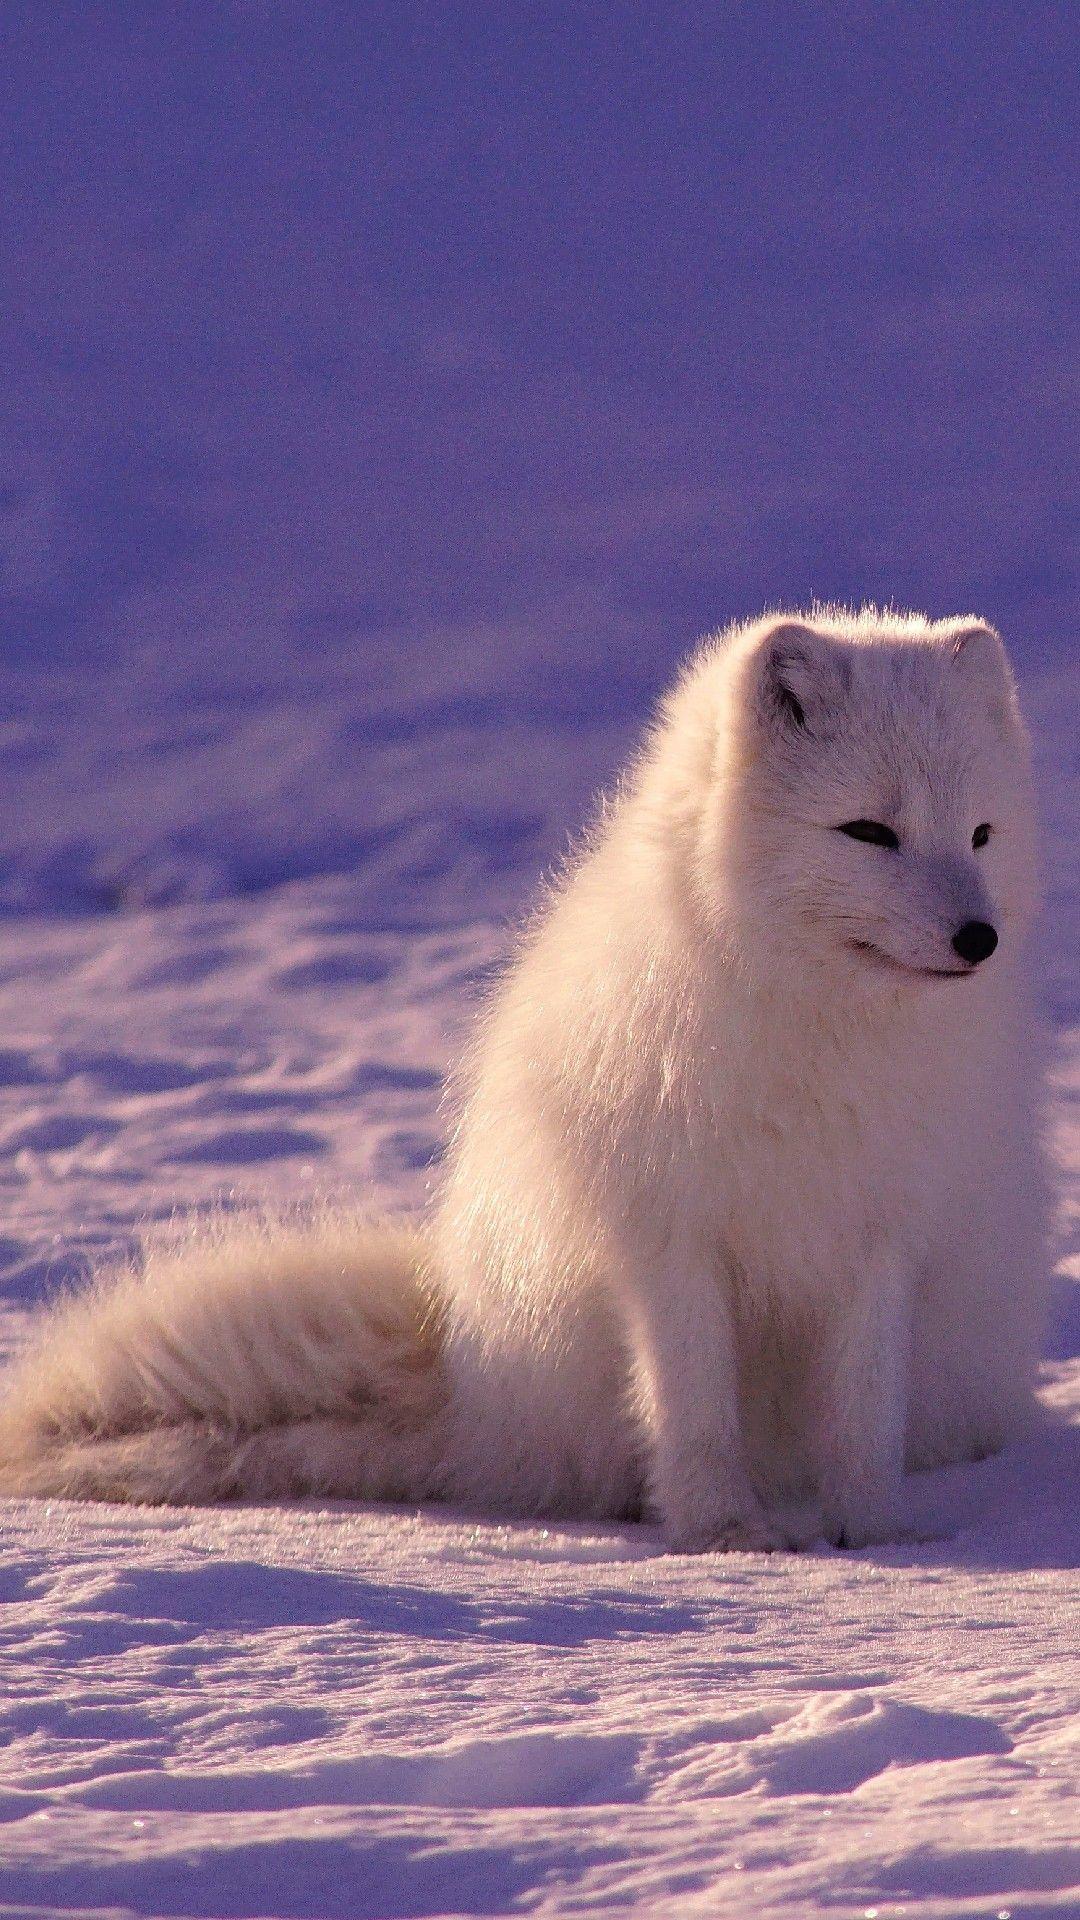 Arctic Fox Hd Wallpapers Wallpaper Cave